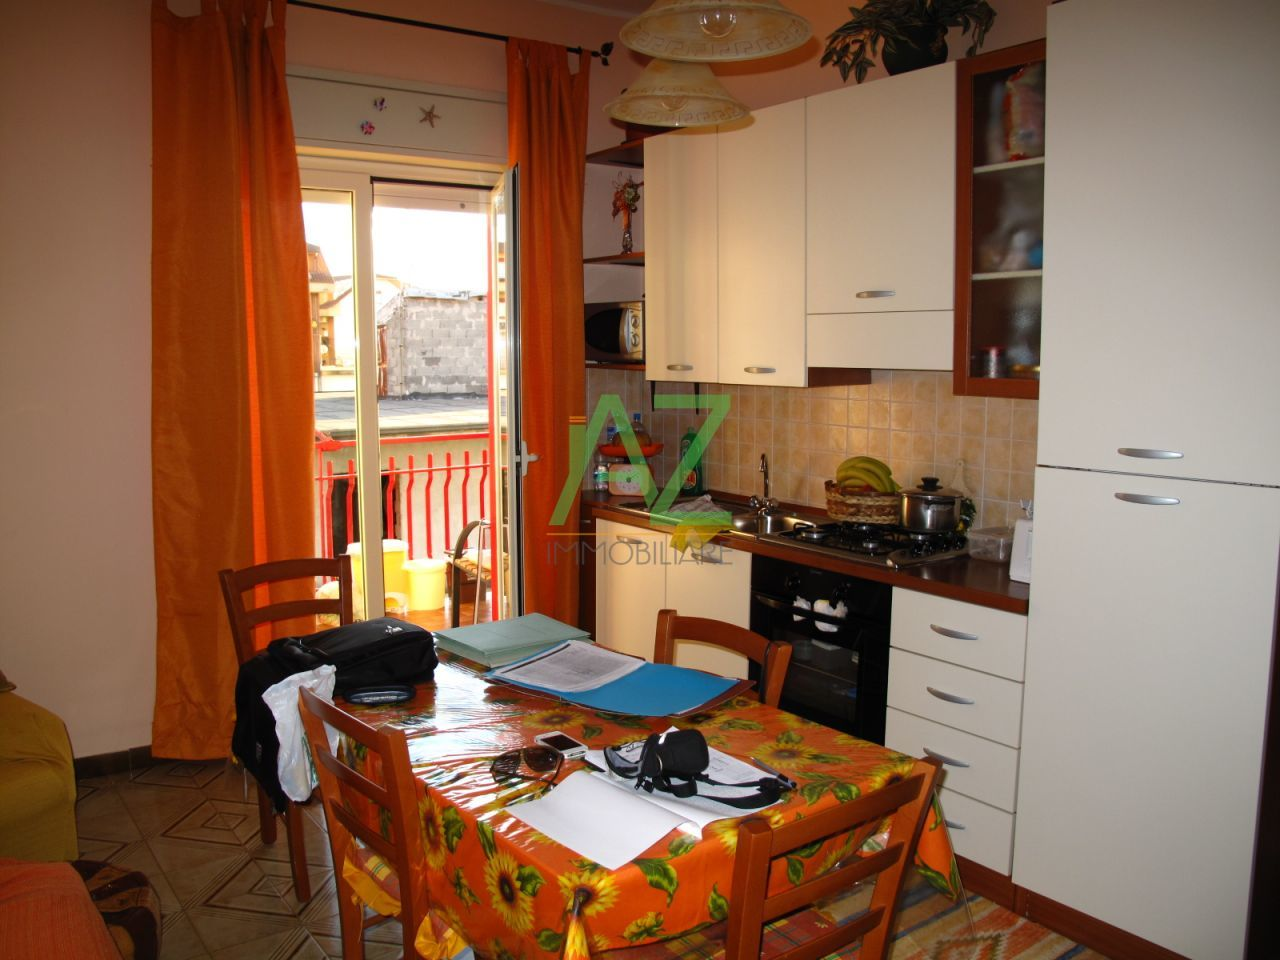 Appartamento in vendita a Motta Sant'Anastasia, 3 locali, prezzo € 83.000 | Cambio Casa.it